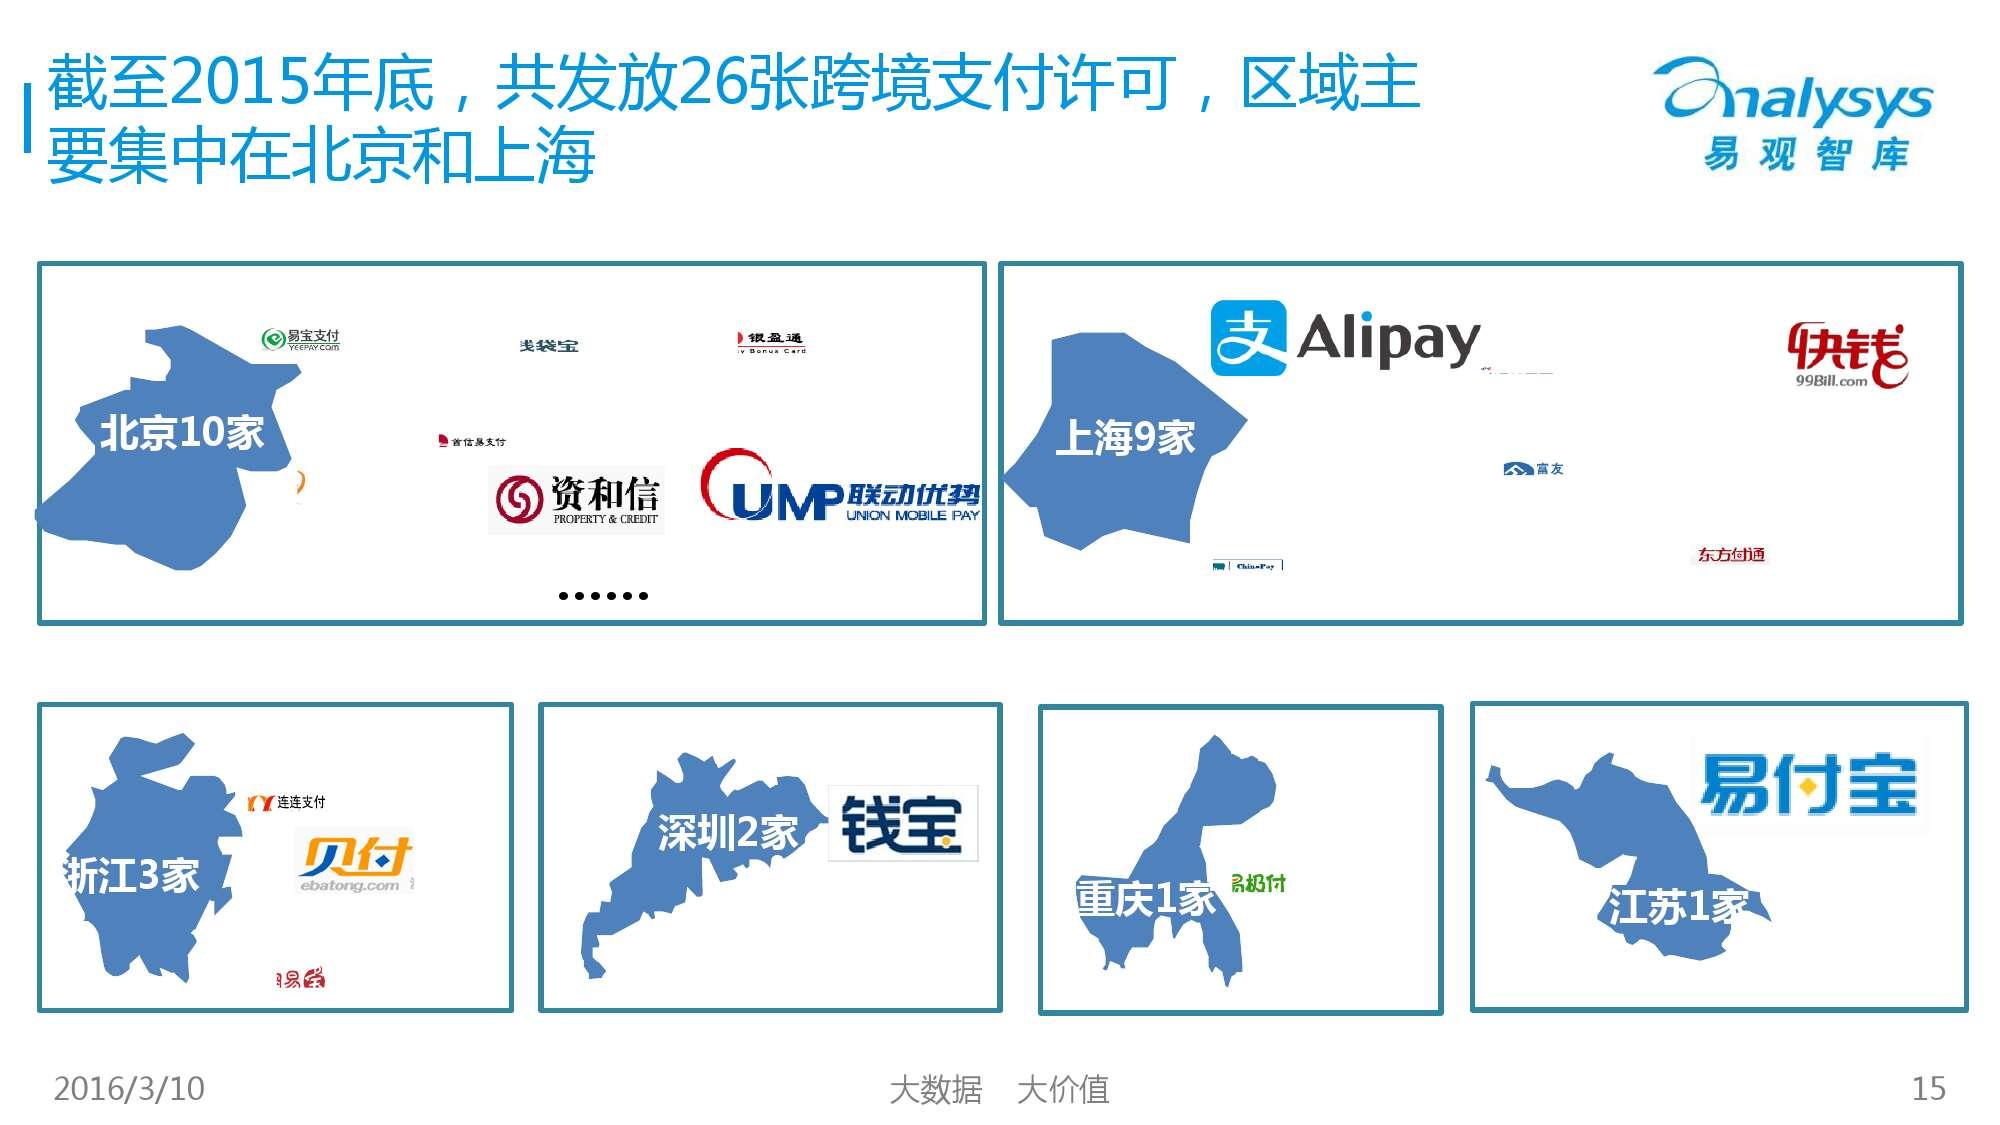 中国跨境支付市场专题研究报告2016_000015